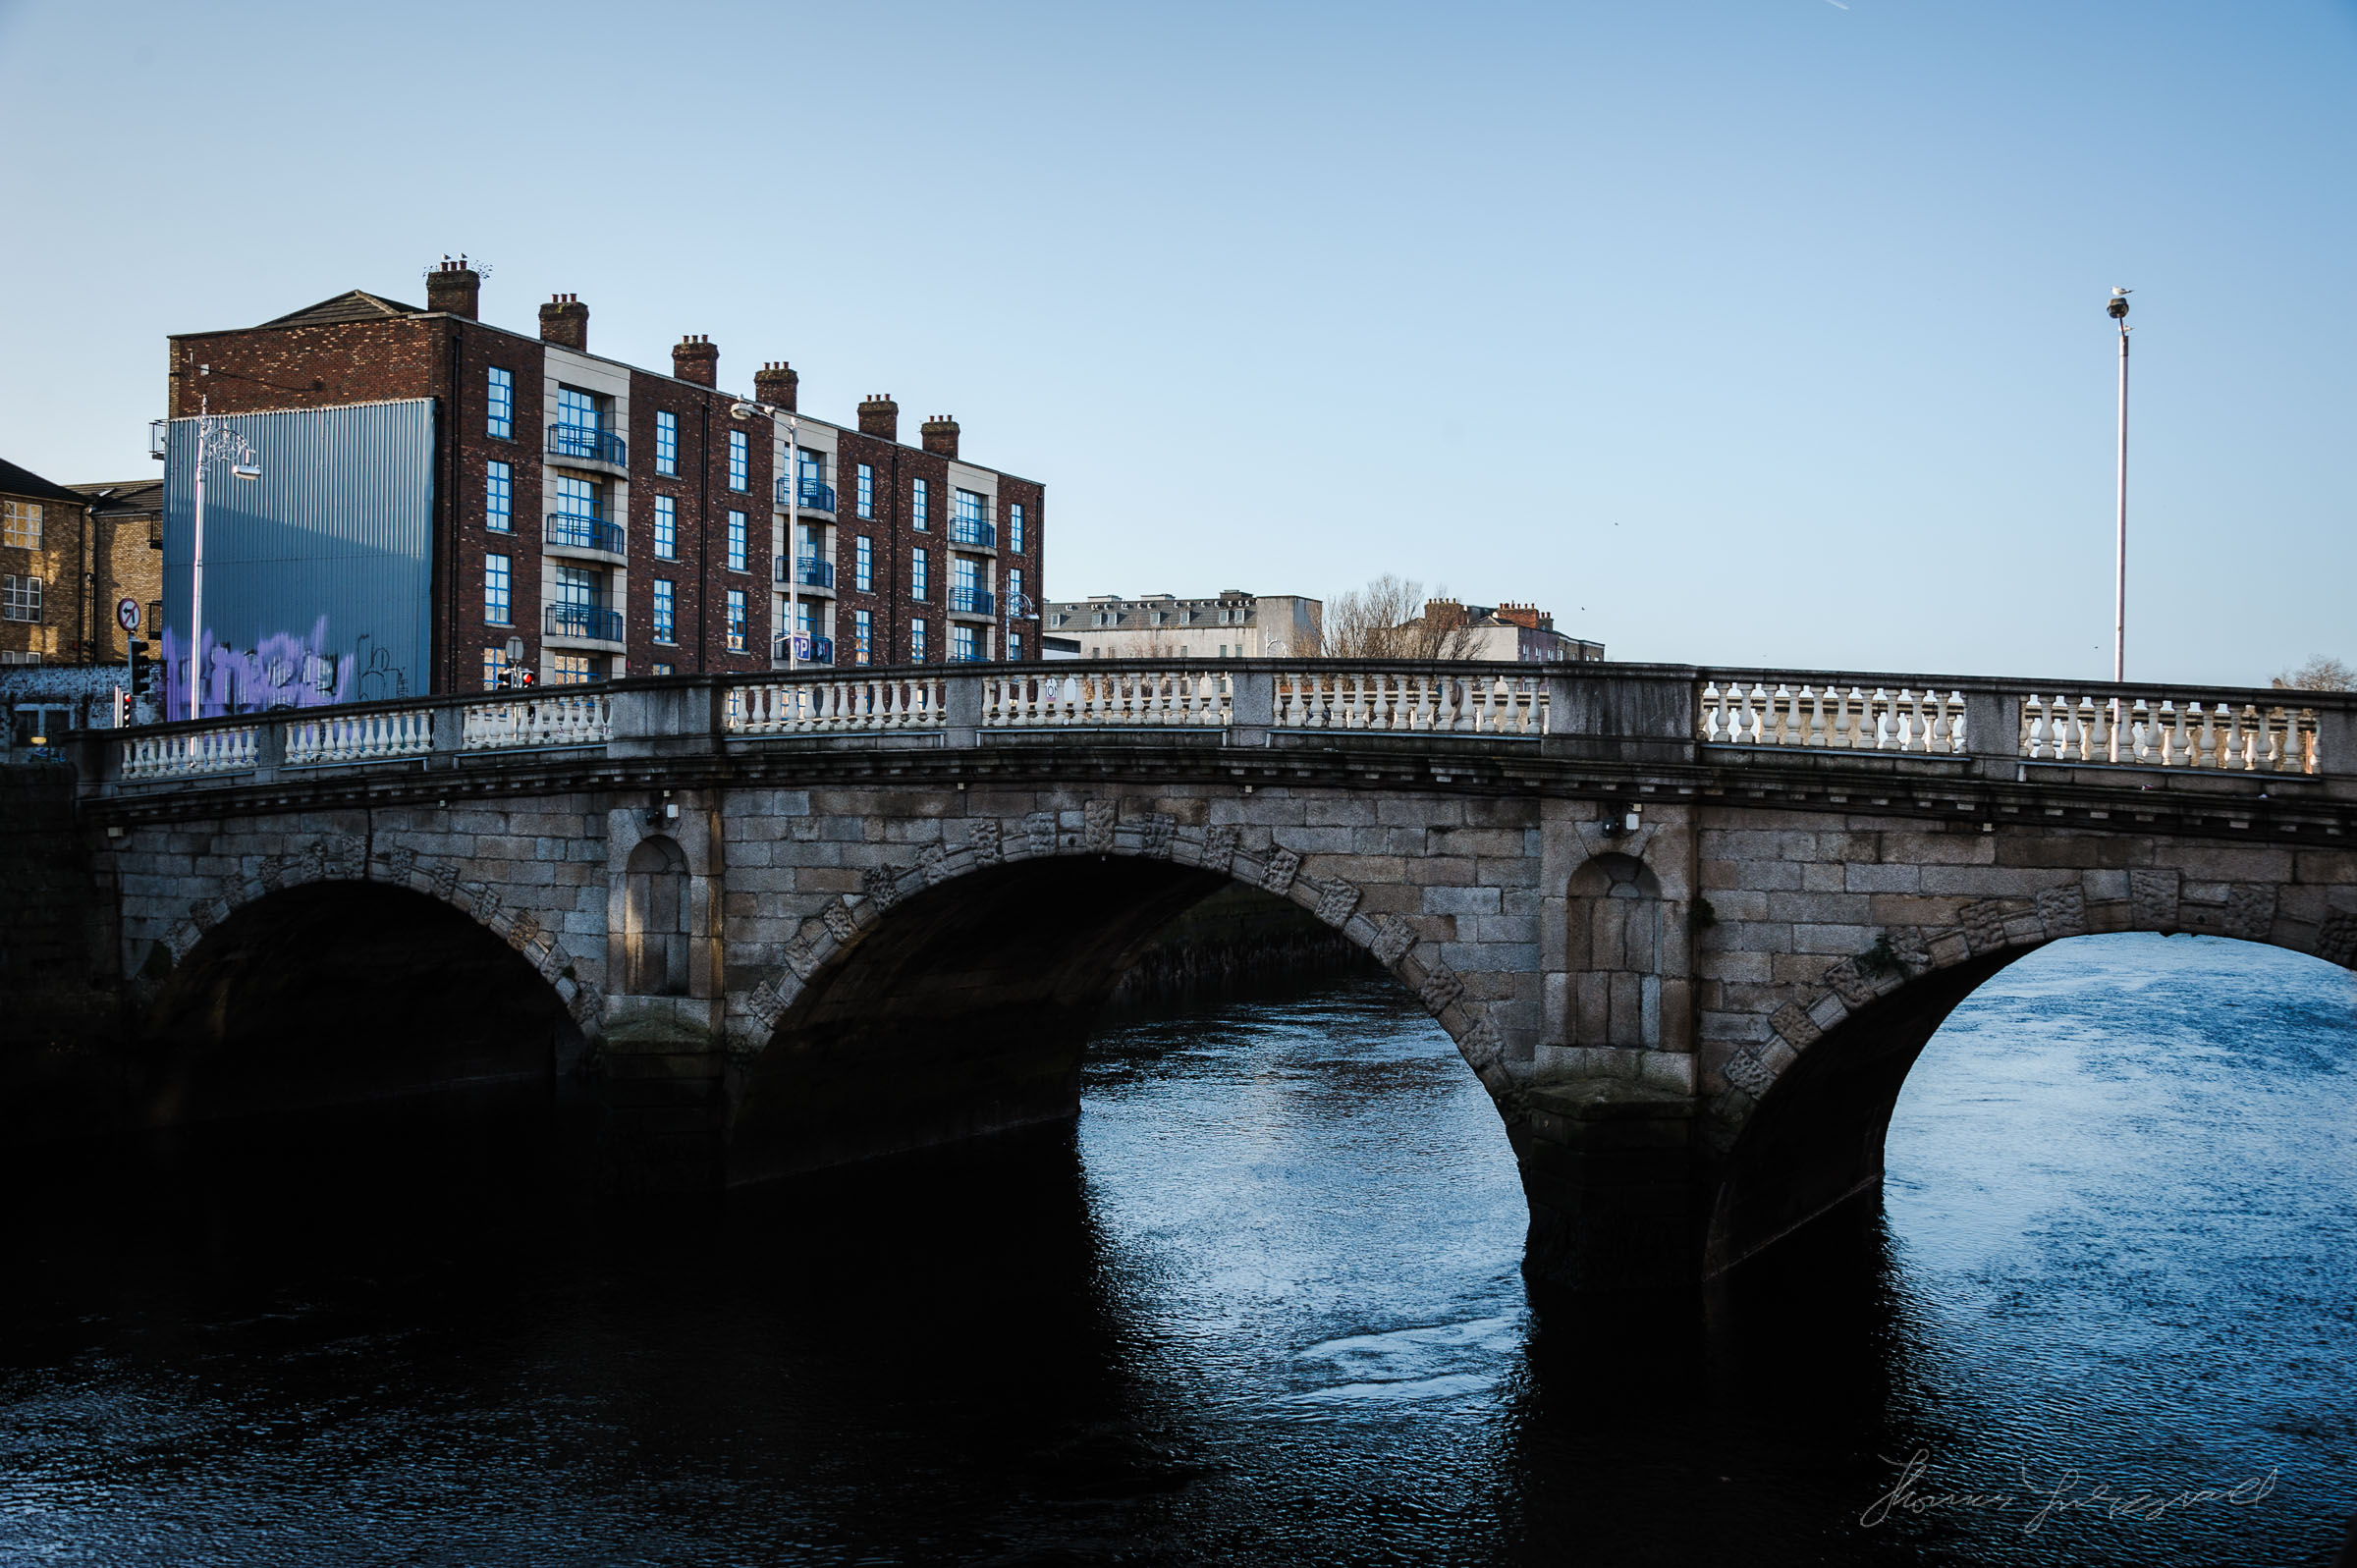 Bridge over the River Liffey in Dublin